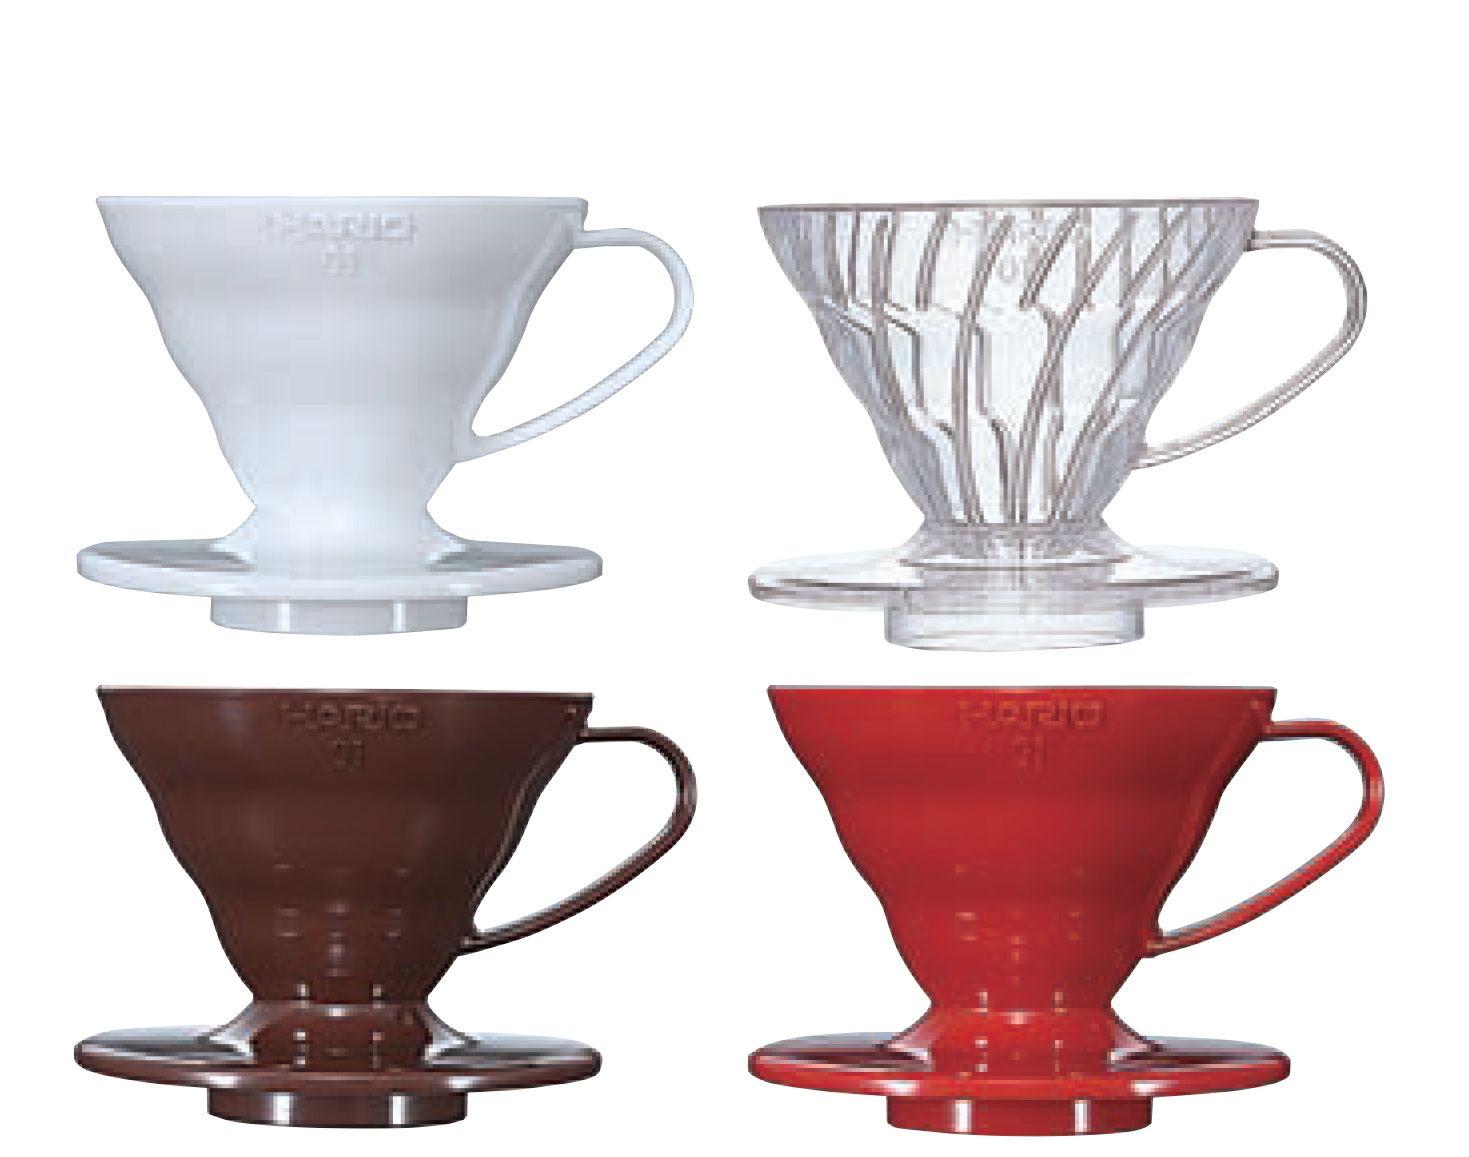 Suporte acrilico p/ café Hario V60 Tam 1 Peq Branco - VD-01W